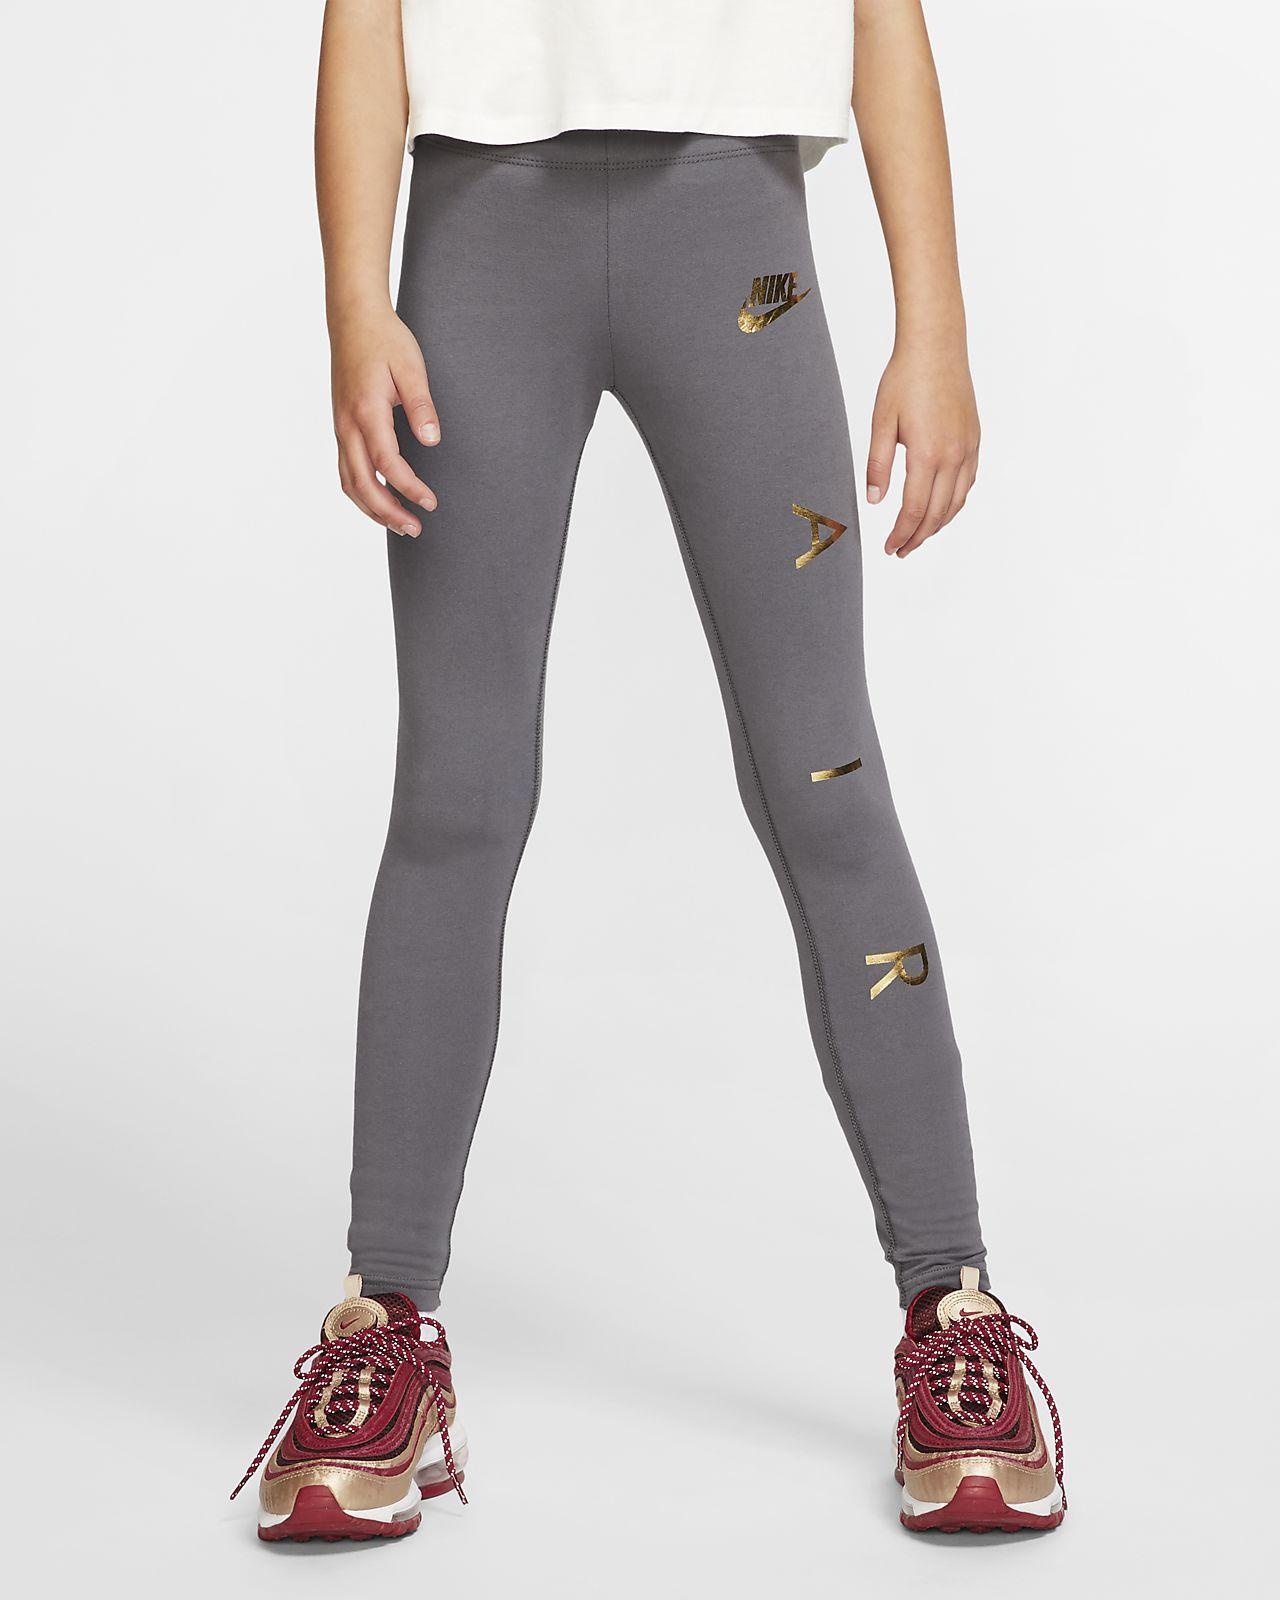 Nike Air Girls' Leggings